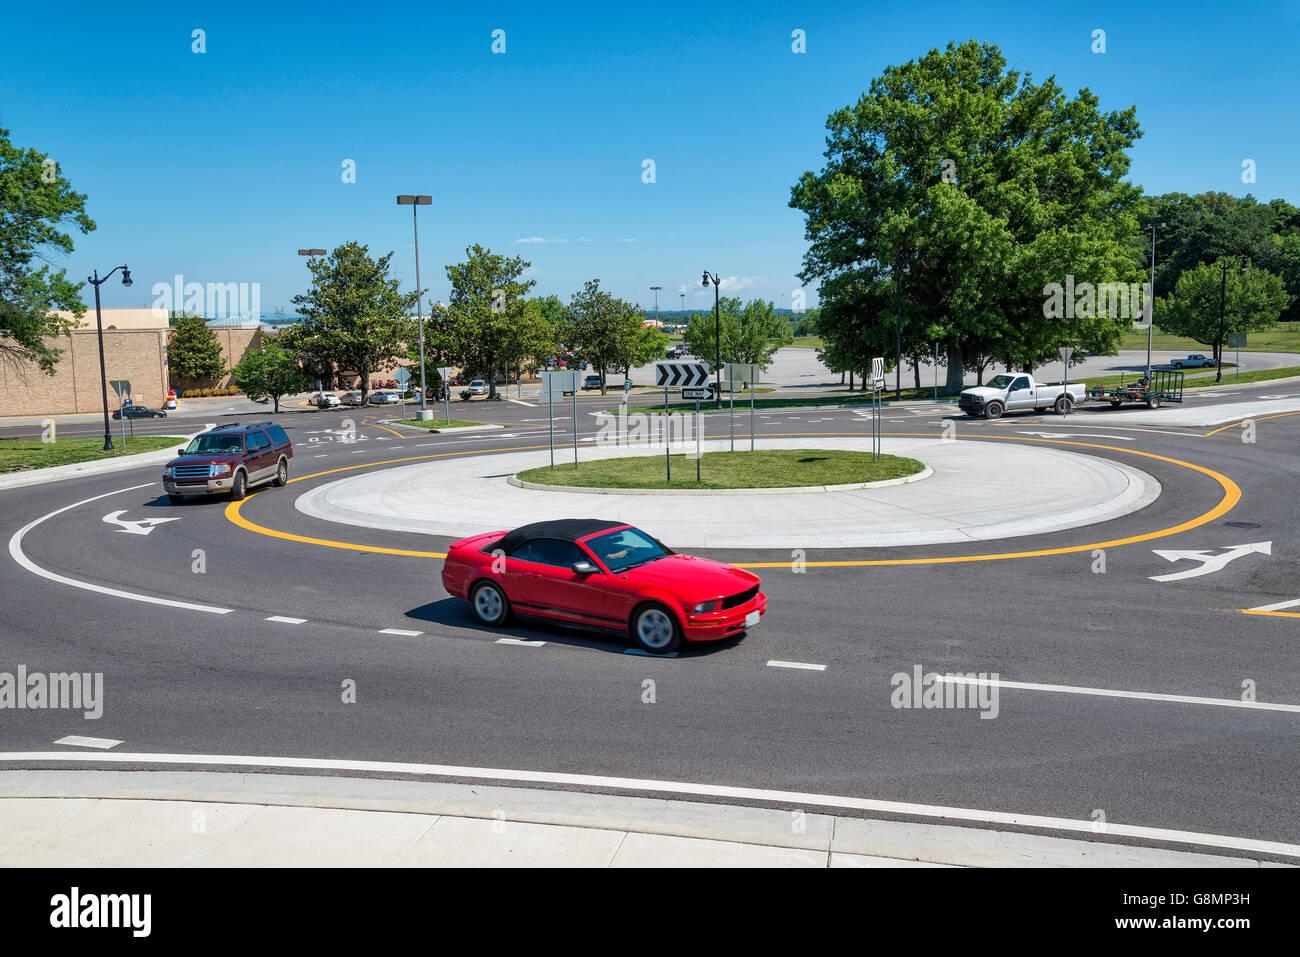 Rond-point de la circulation avec des véhicules passe autour d'elle. Plan horizontal Photo Stock